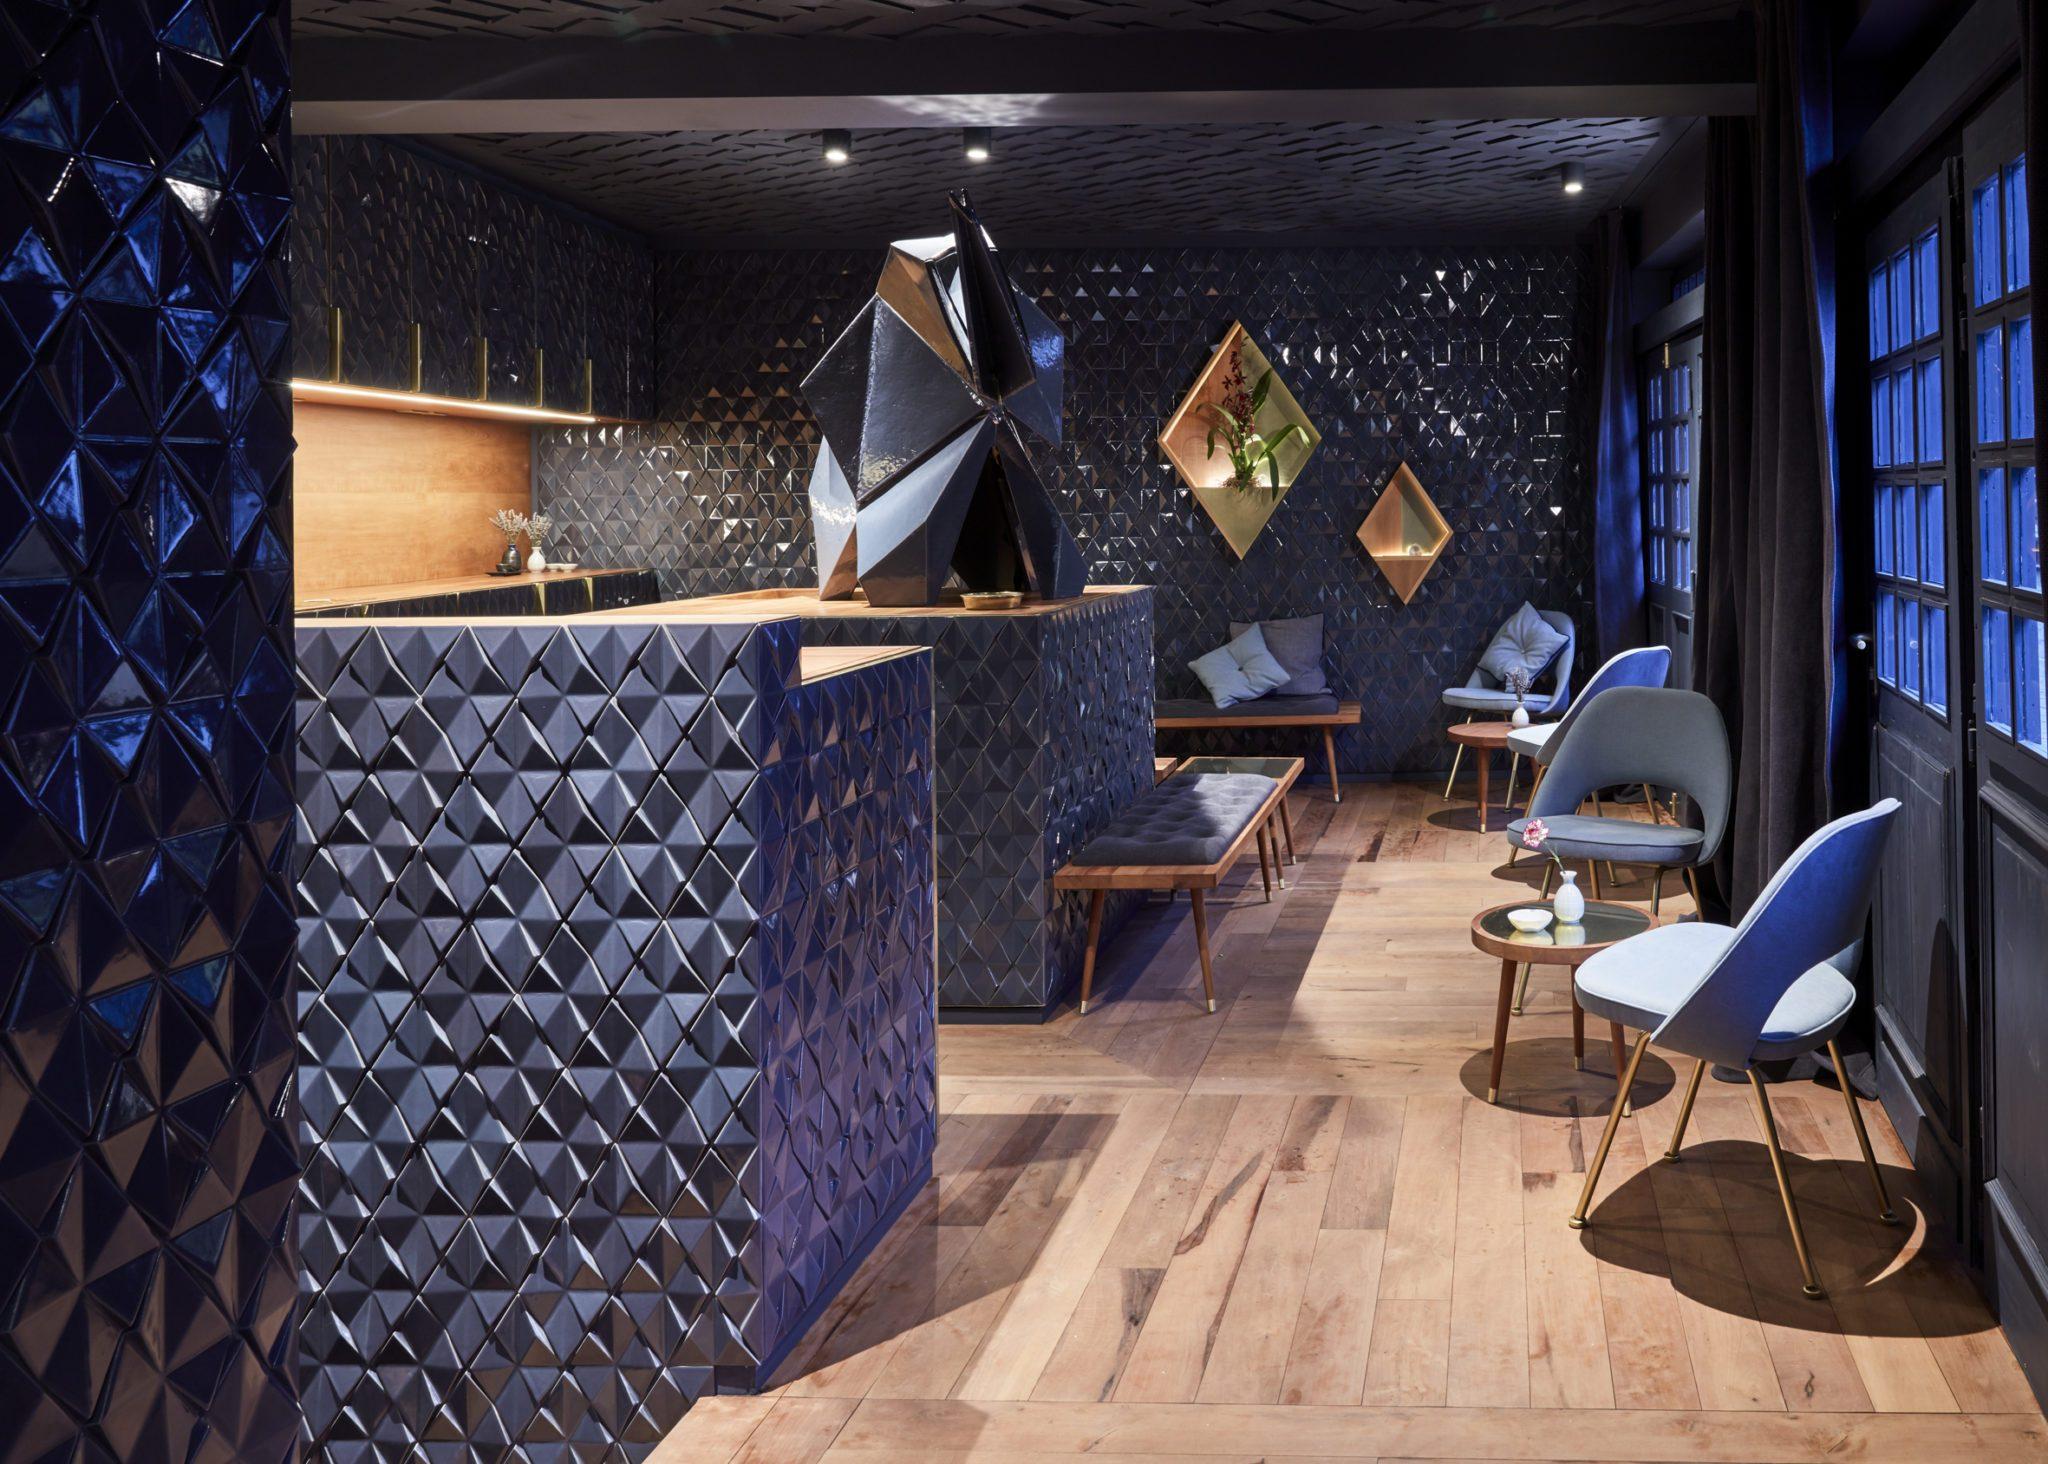 Ein Blick in die Bar Bonechina in Frankfurt